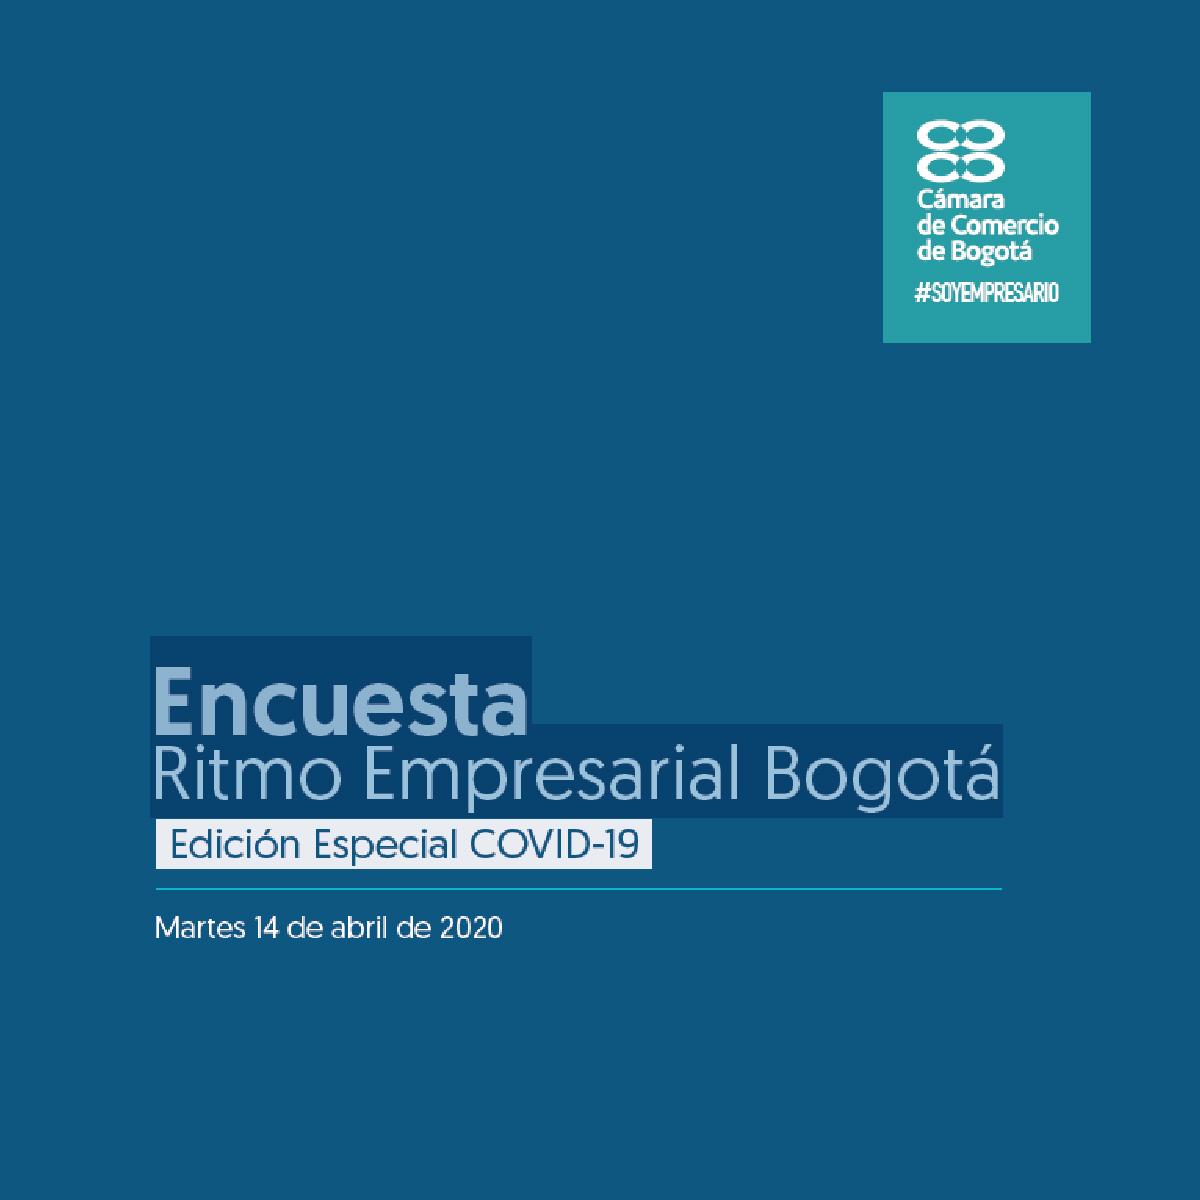 Encuesta Ritmo Empresarial Bogotá